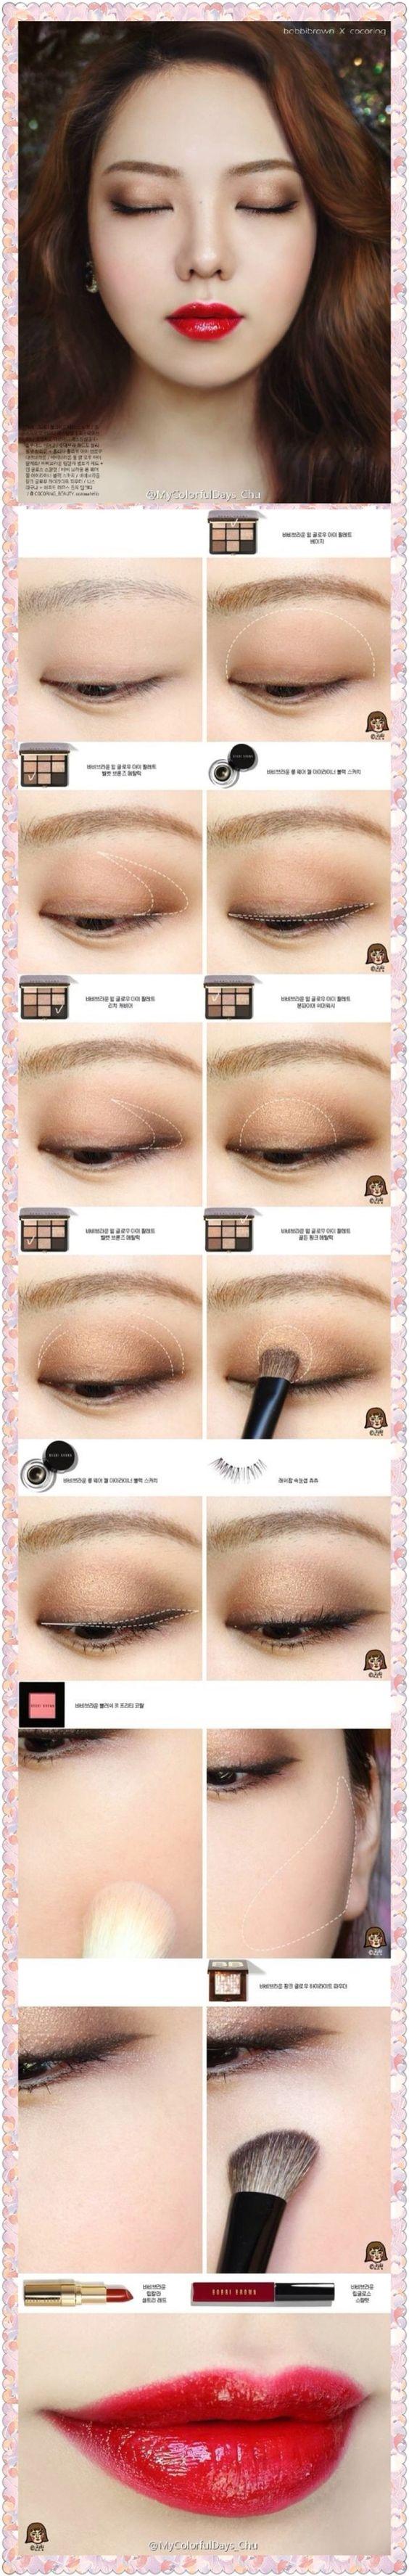 #고급스러운레이디기업가 #ClassyLadyEntrepreneur Love the eye makeup. Take away the red lips and would totally do this www.AsianSkincare.Rocks ✨www.SkincareInKorea.info ✨www.DebbieKrug.org